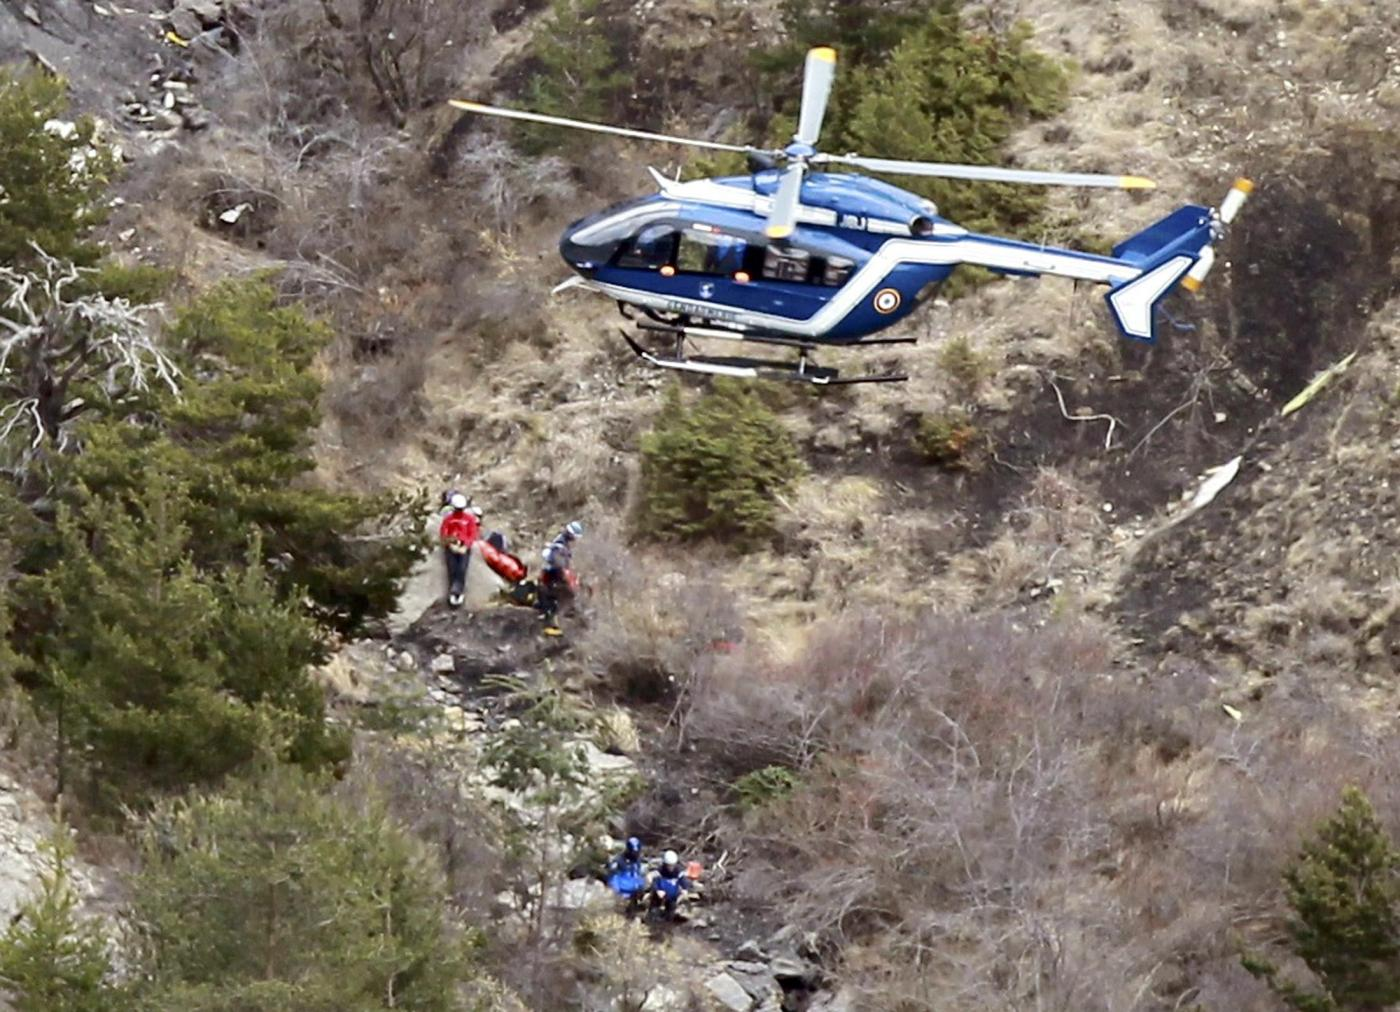 Il co-pilota voleva distruggere l'areo. Dopo aver chiuso fuori dalla cabina il comandante si è diretto contro la montagna. Terrorismo ipotesi remota